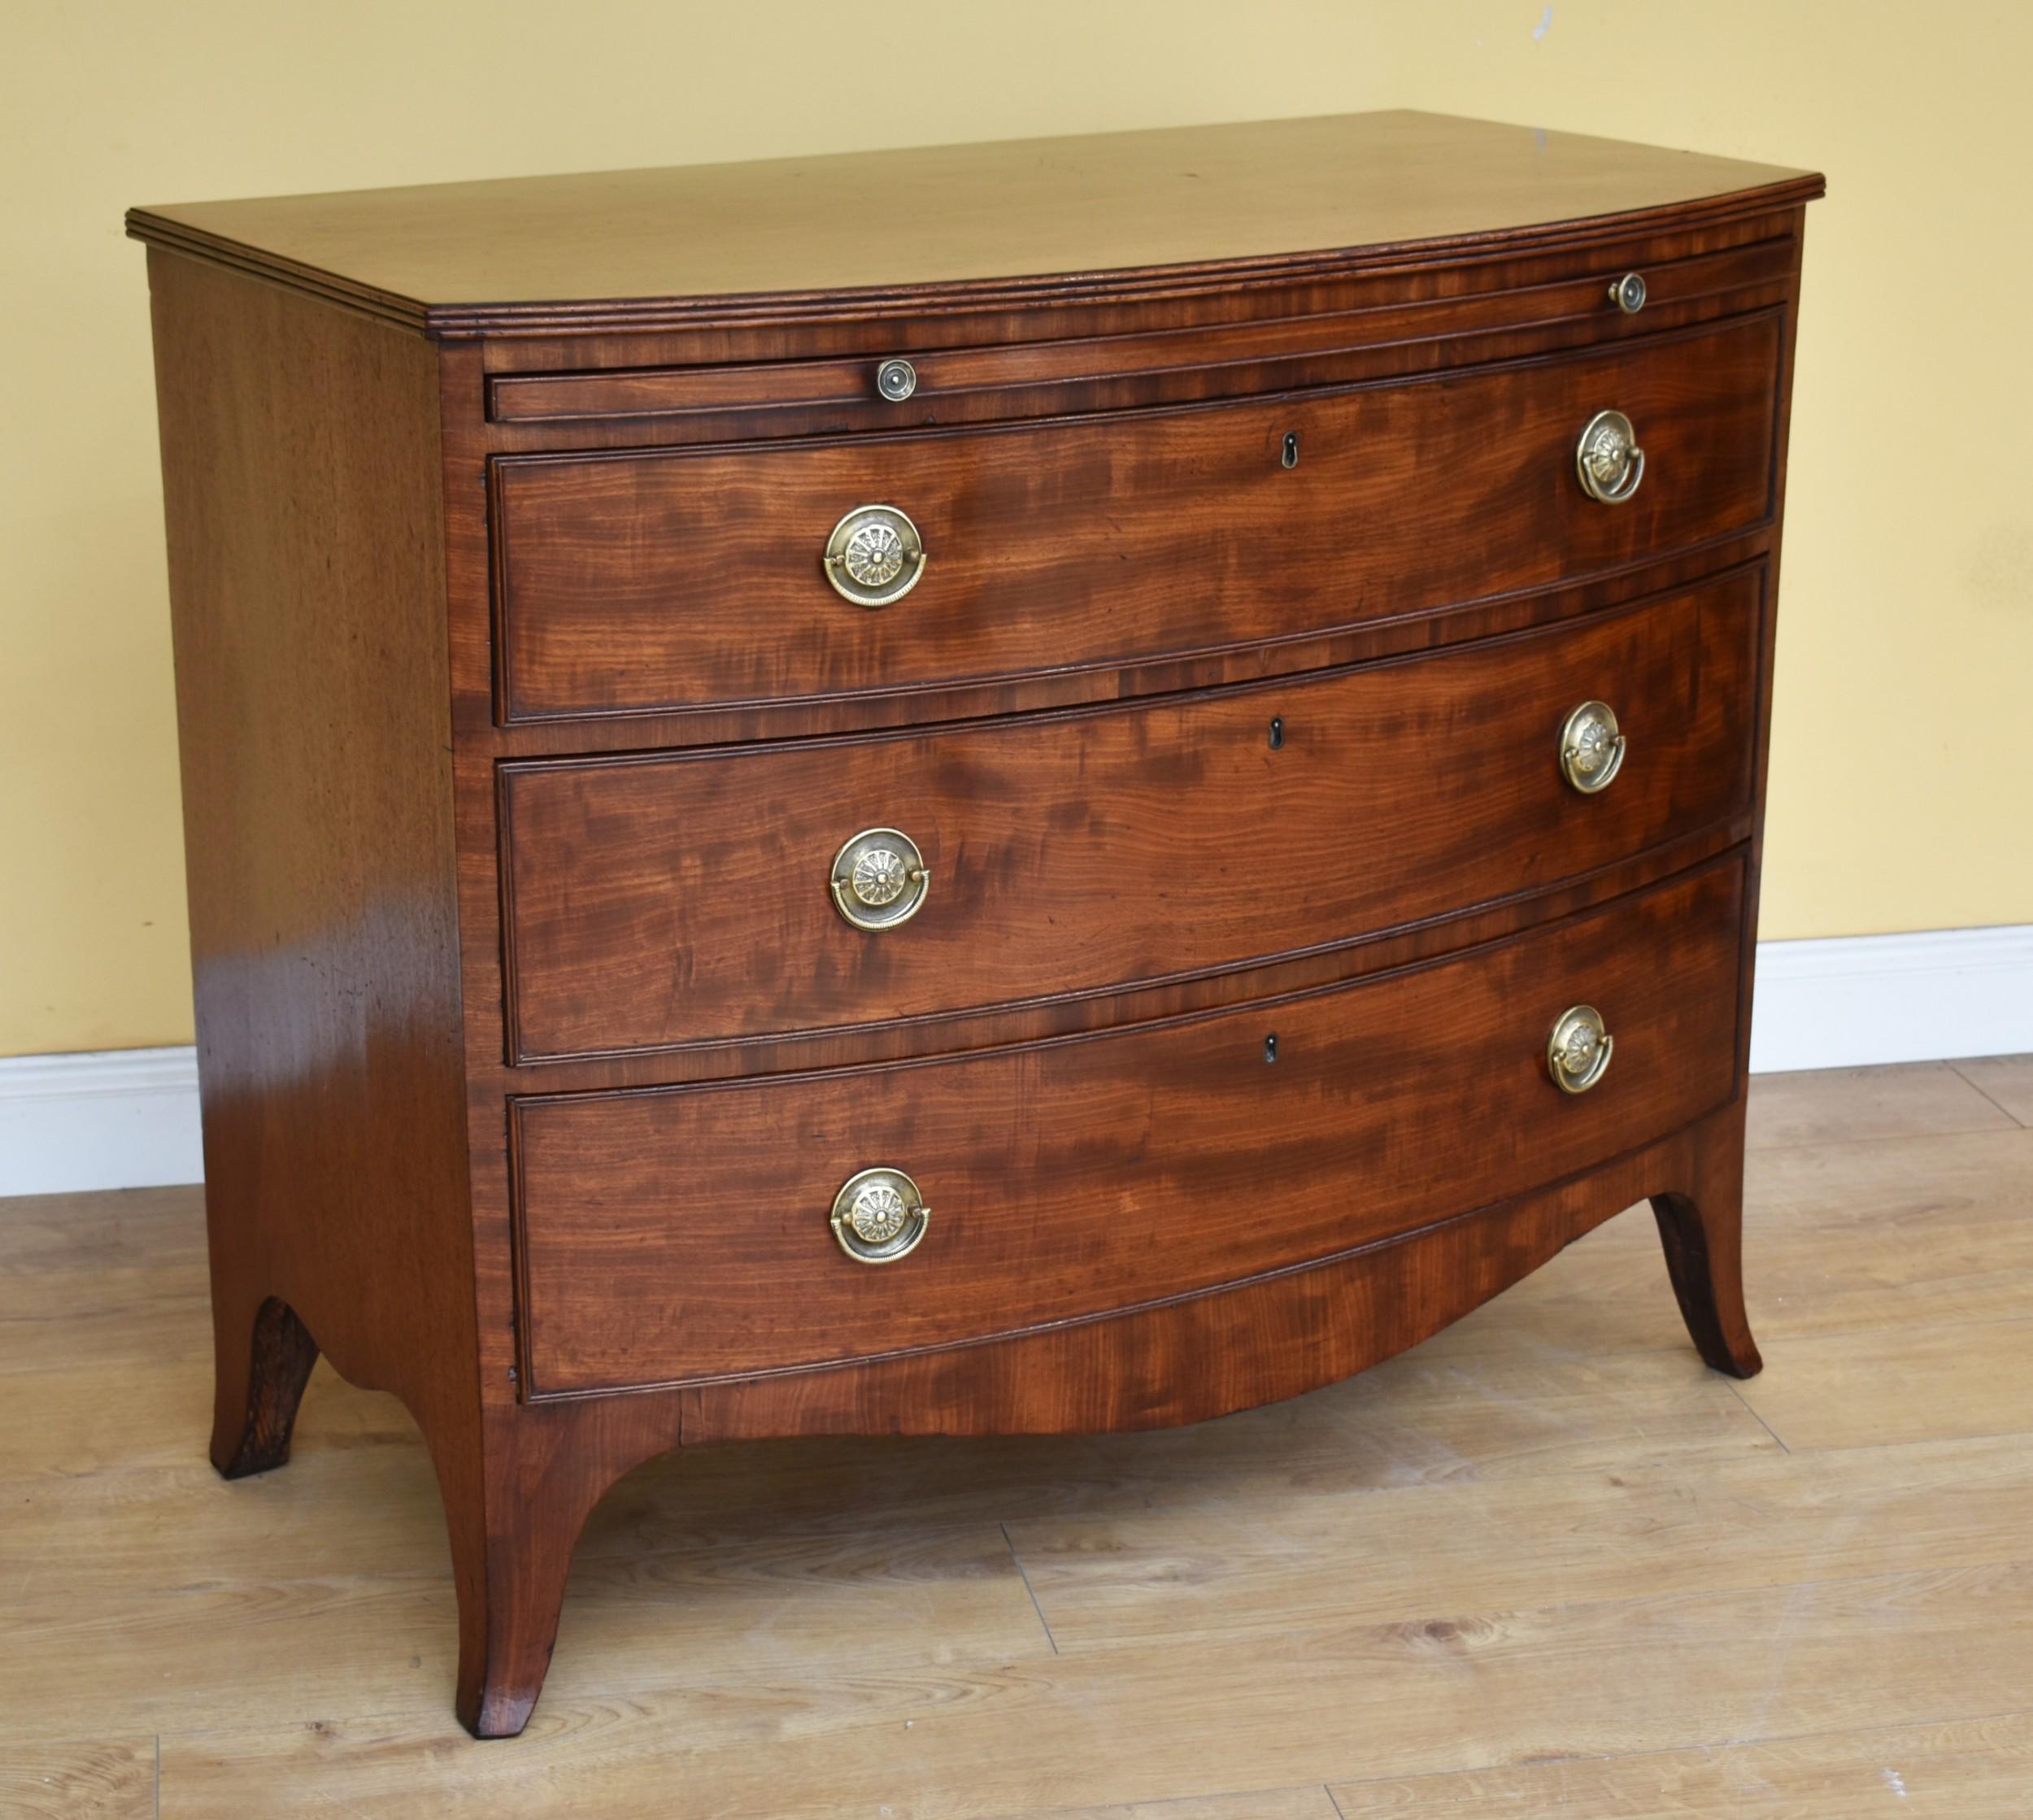 19th century regency mahogany bow front chest